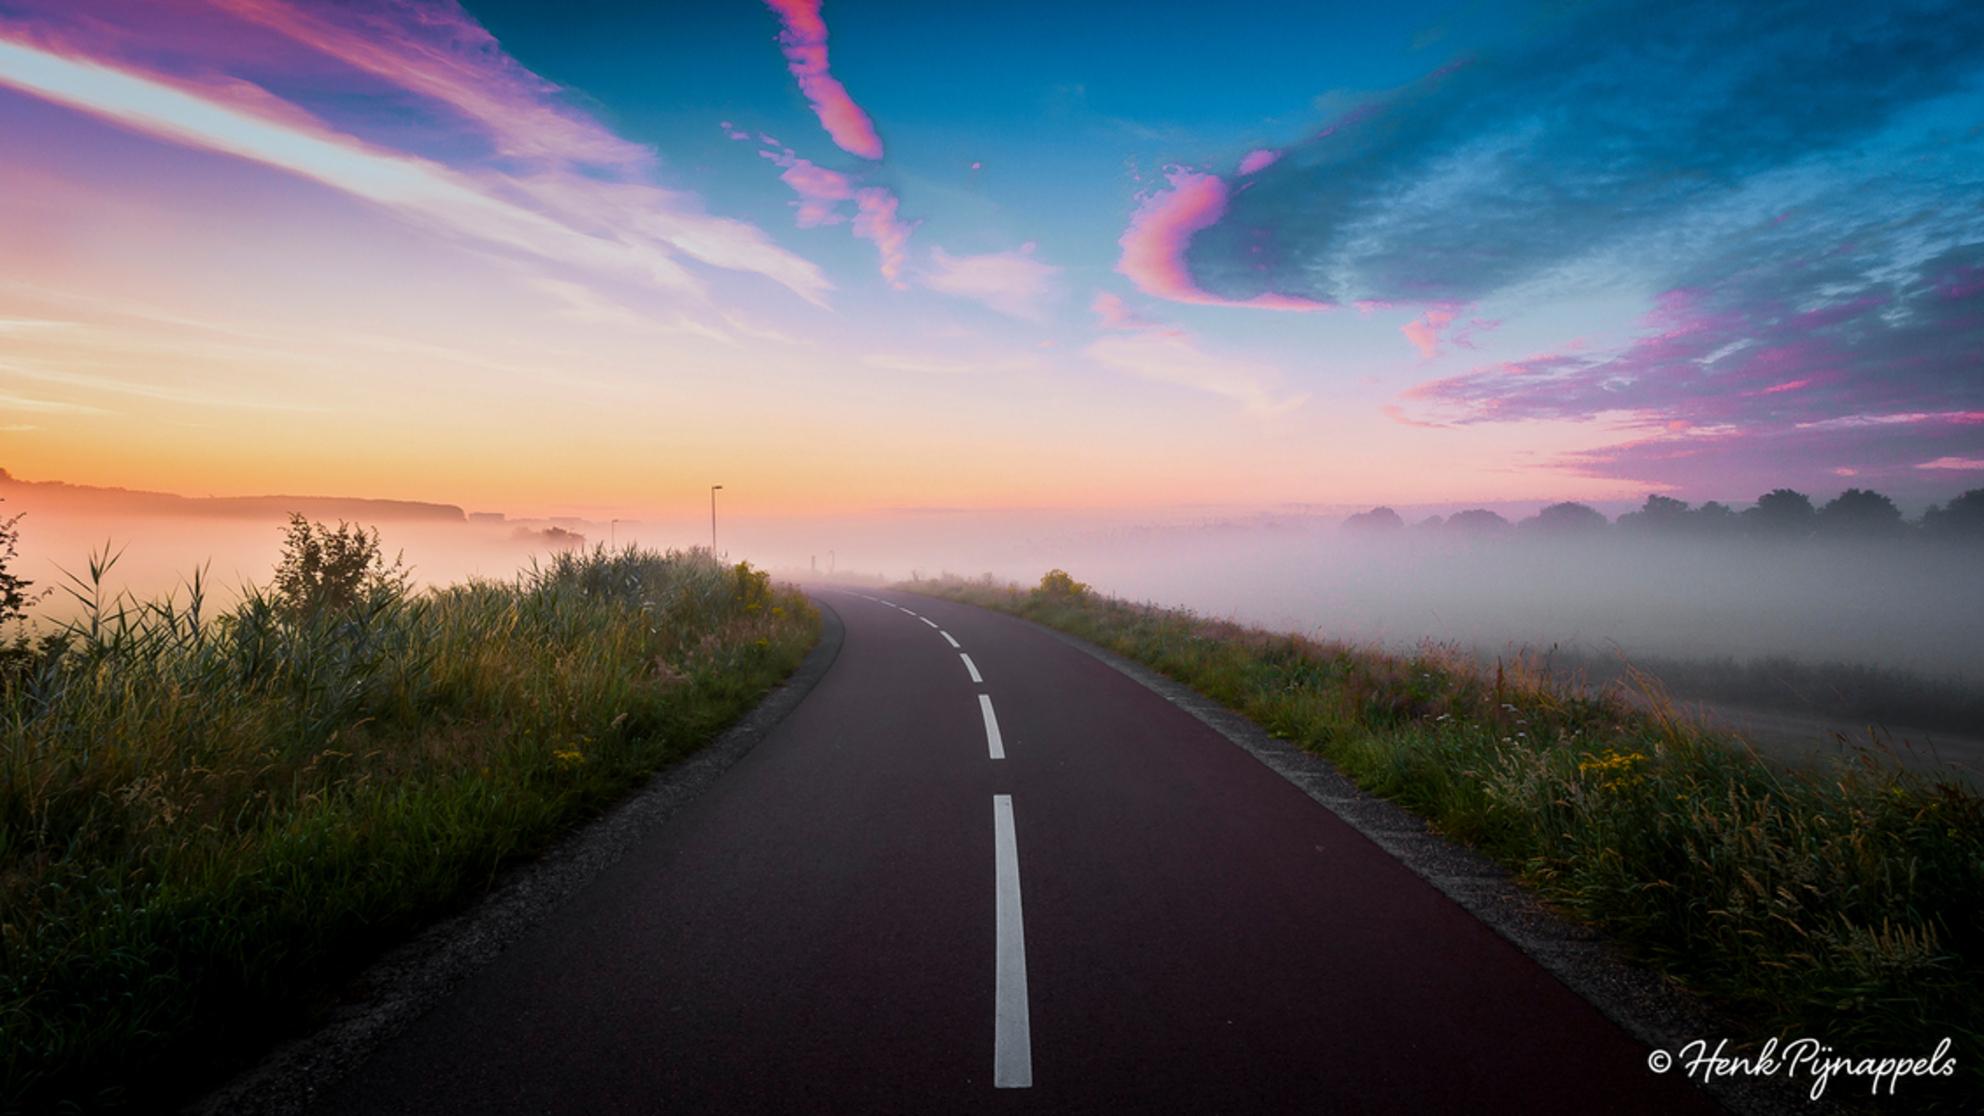 The Road..... - Een vroege ochtend in de mist. - foto door HenkPijnappels op 17-07-2016 - deze foto bevat: lucht, zon, natuur, licht, landschap, mist, tegenlicht, zonsopkomst, polder, weg, hdr - Deze foto mag gebruikt worden in een Zoom.nl publicatie